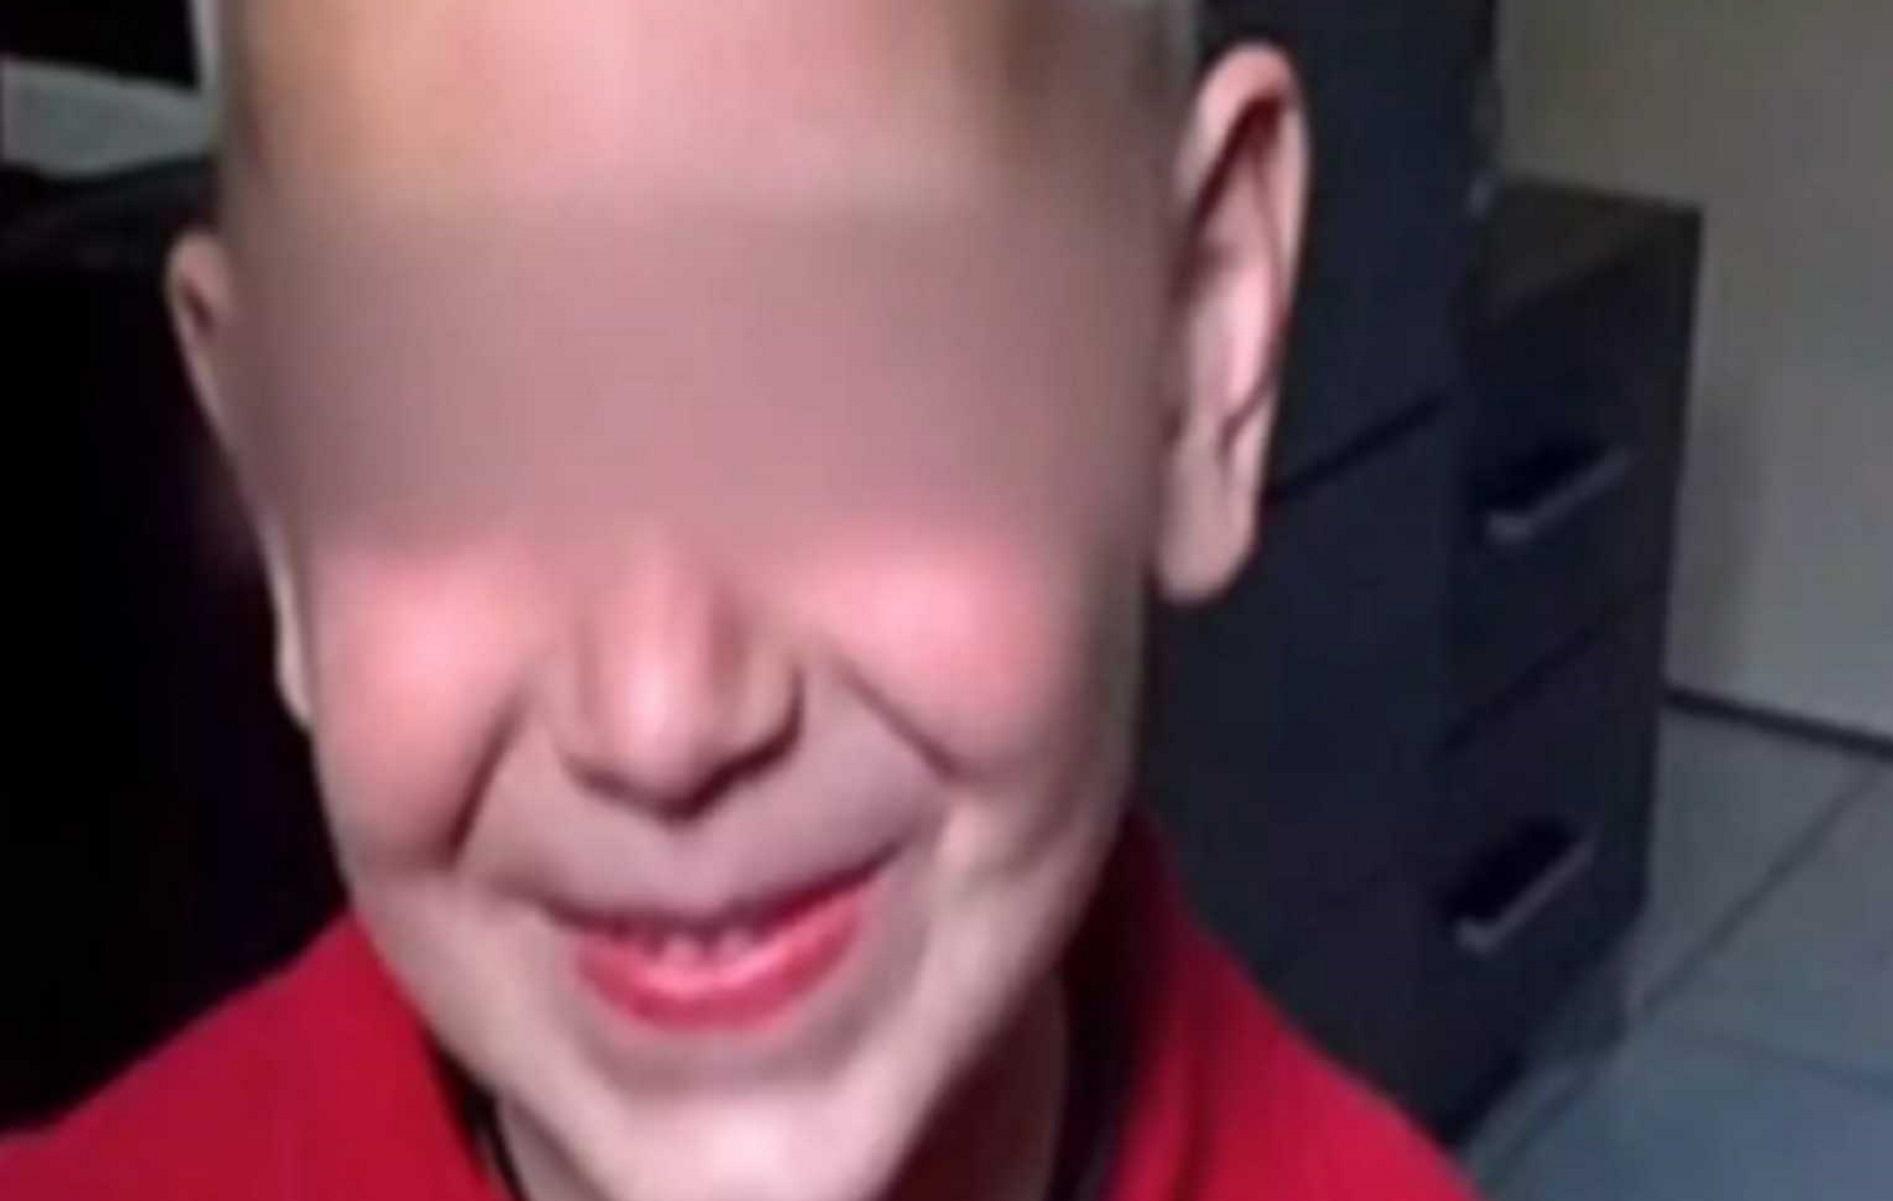 Μητέρα του 5χρονου Στάθη που σκότωσαν τα ροτβάιλερ στην Κοζάνη: «Θα λυτρωθώ όταν τον βρω»